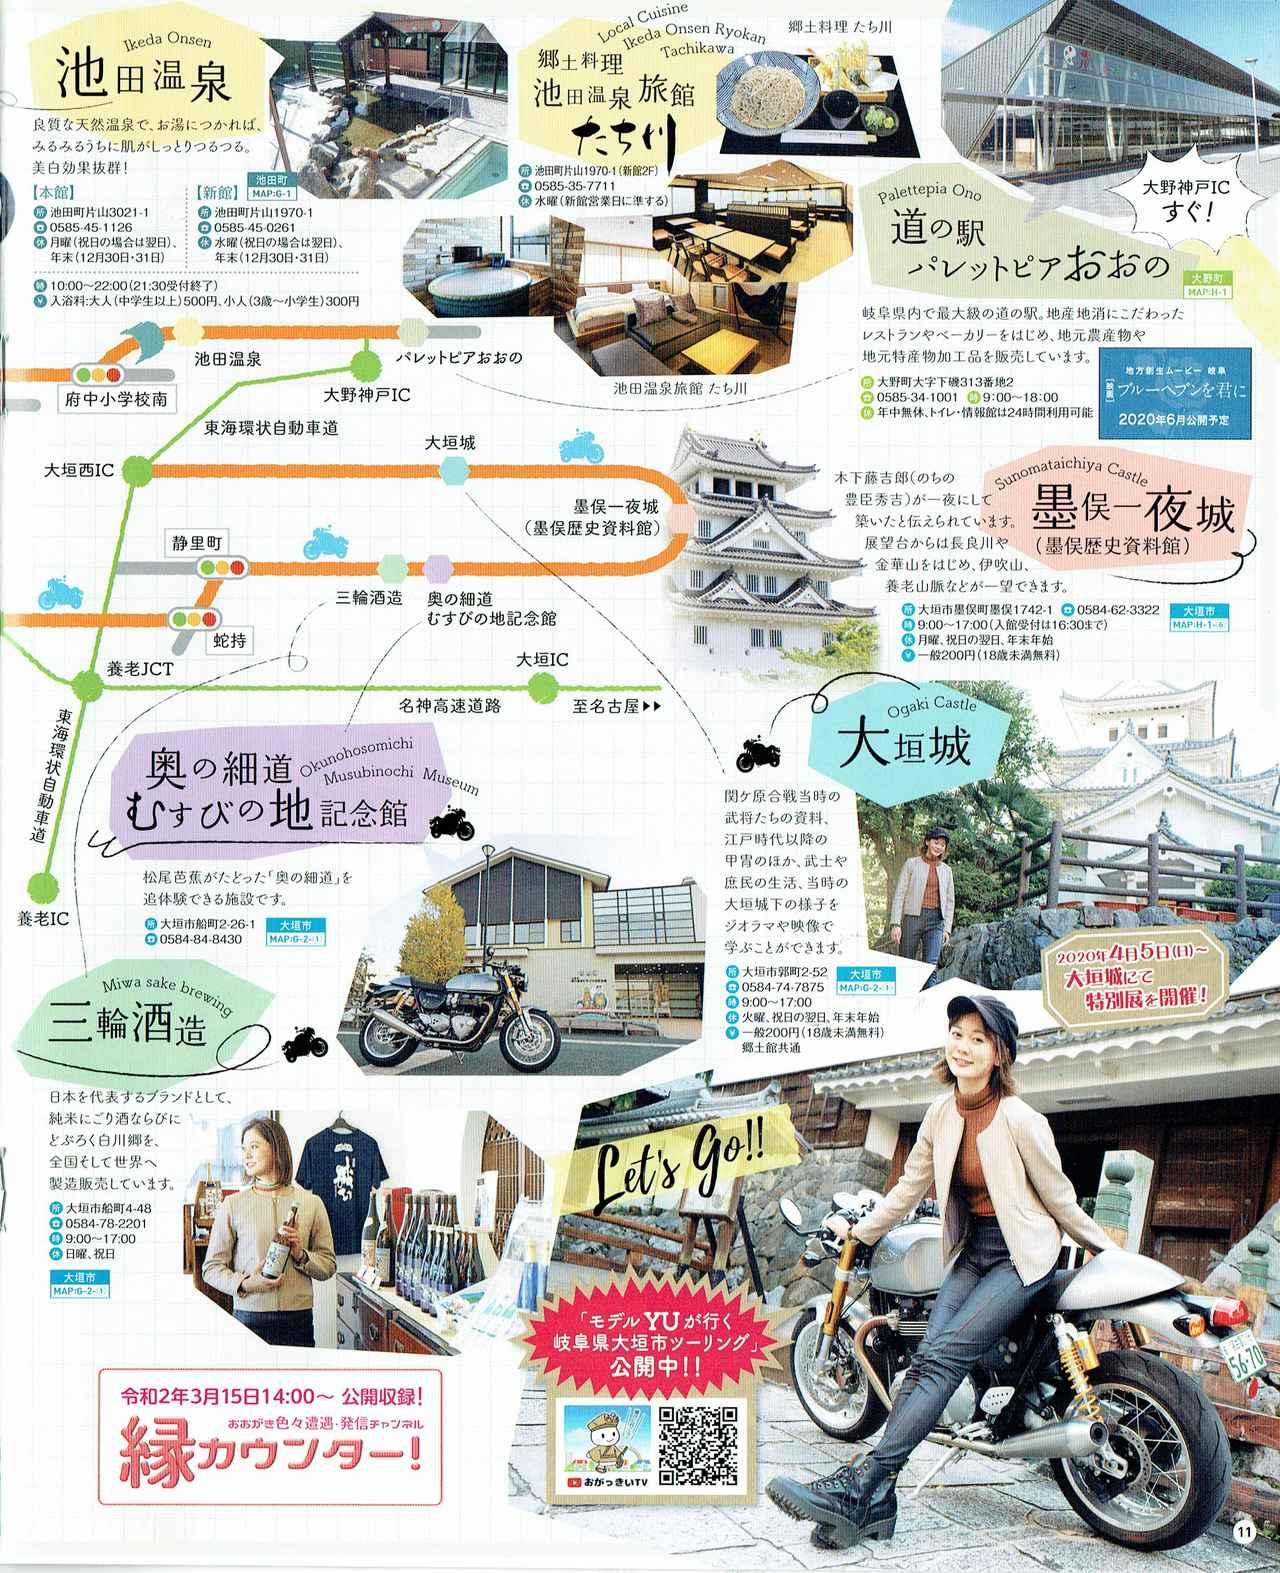 画像3: 【岐阜】ツーリングを満喫するならココ!大垣市おすすめツーリングスポット5選